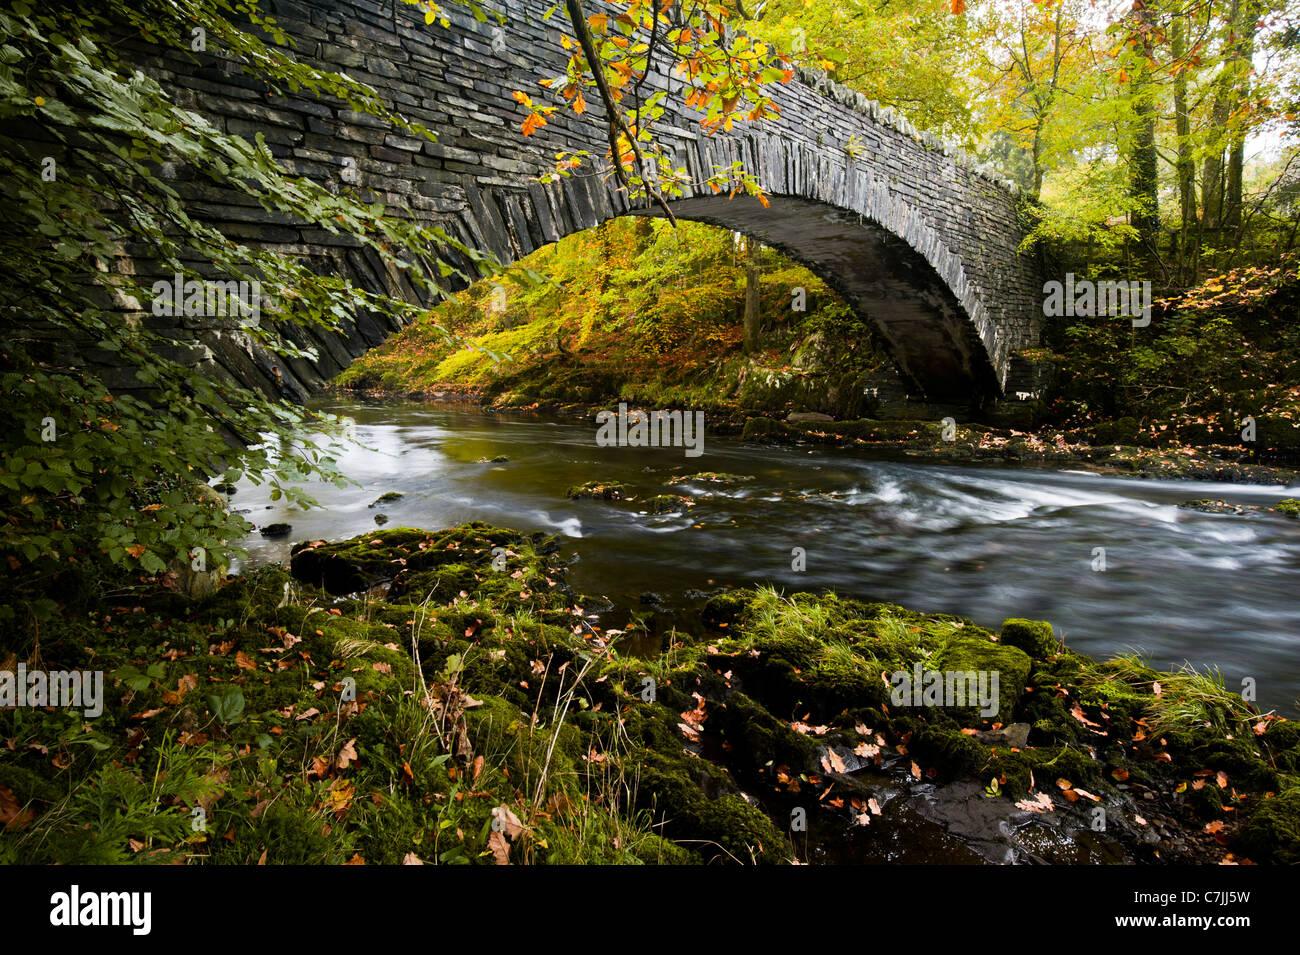 Puente de Piedra sobre un pequeño río en otoño, Lake District, Inglaterra, Reino Unido. Imagen De Stock